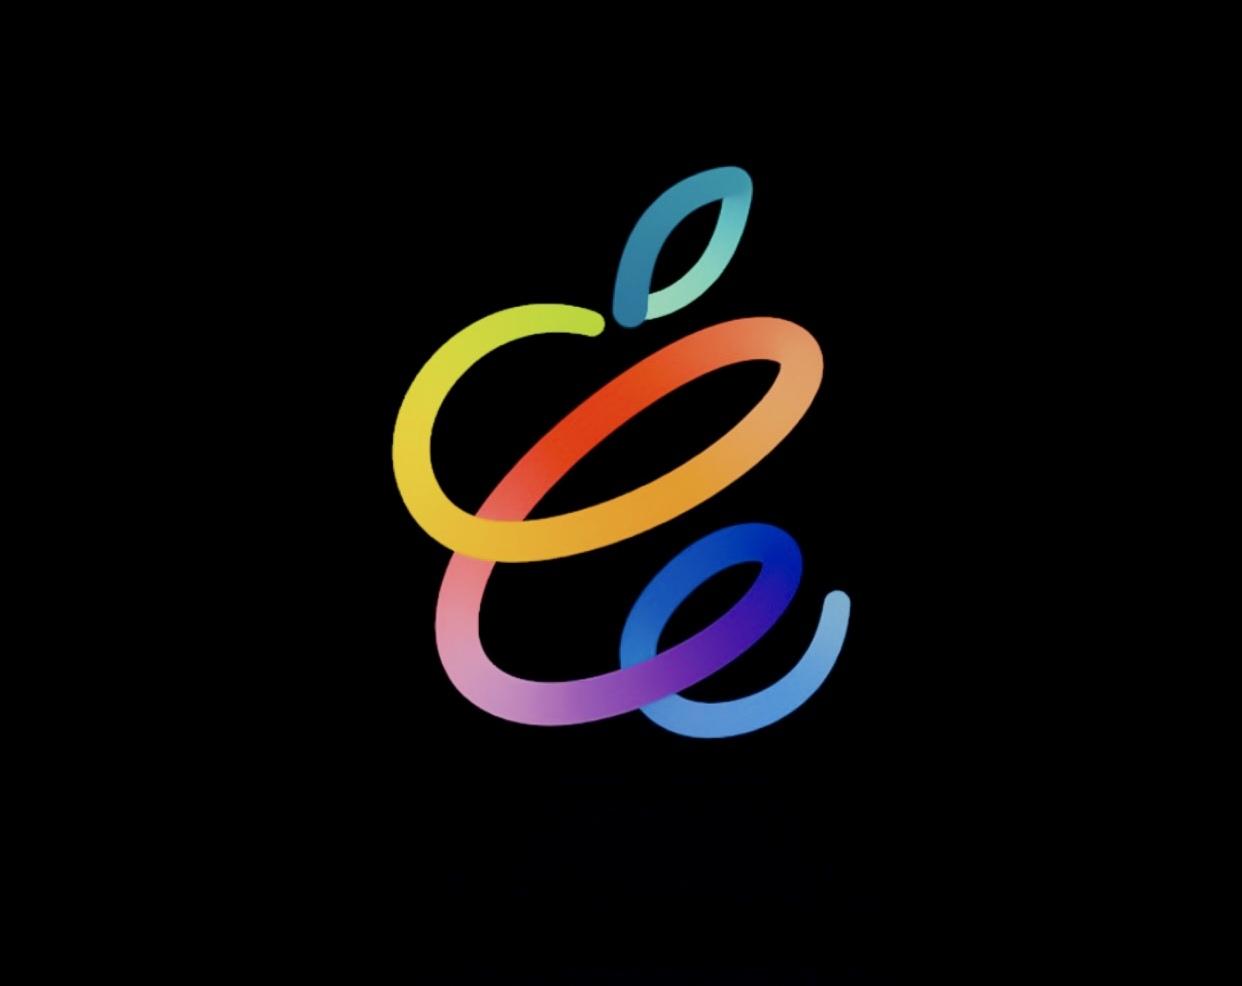 رمزگشایی از دعوت نامه اپل برای رویداد فصل بهار